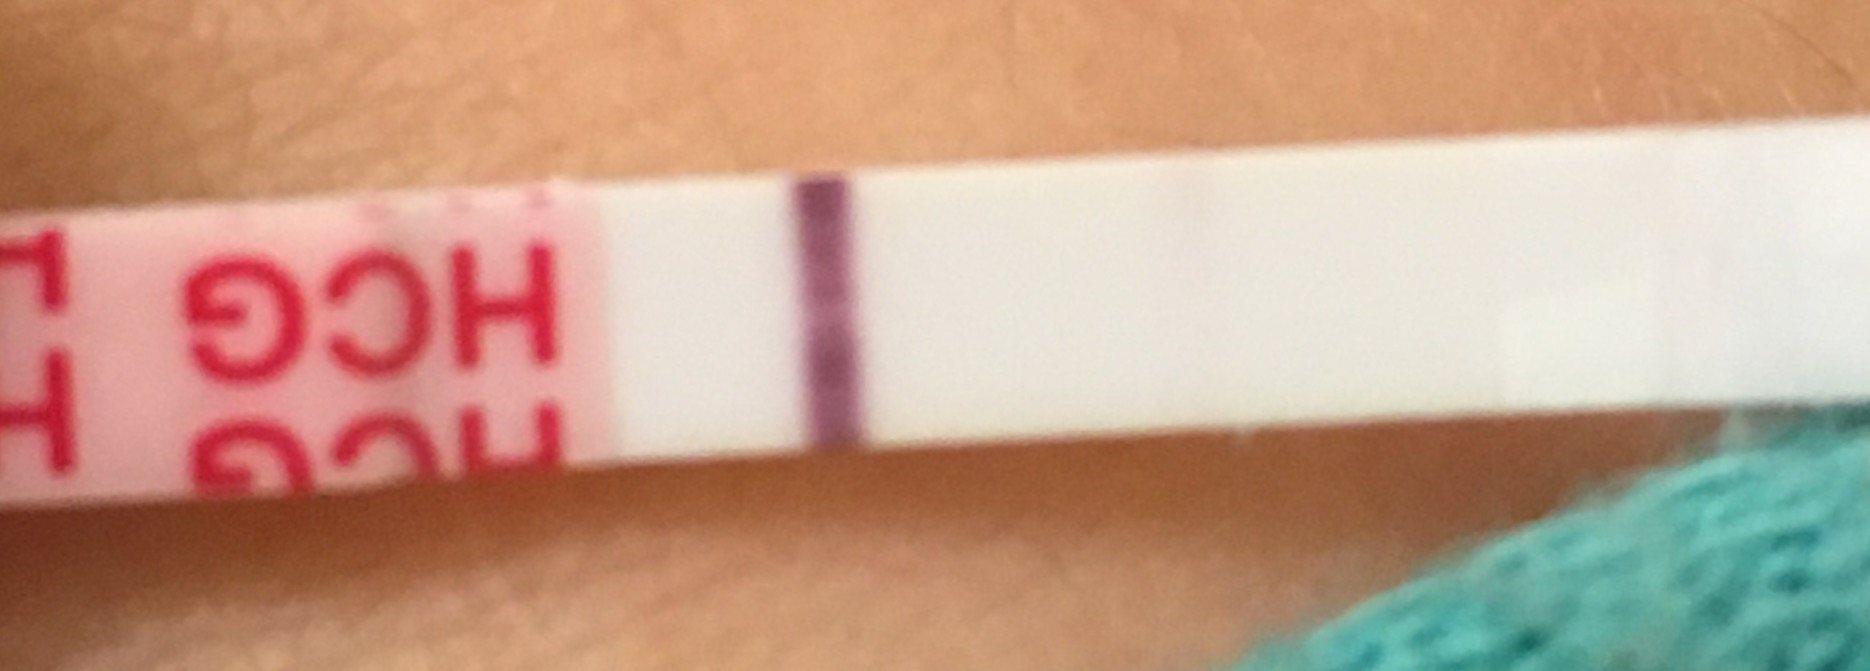 Задержка 10 дней но не беременна 78